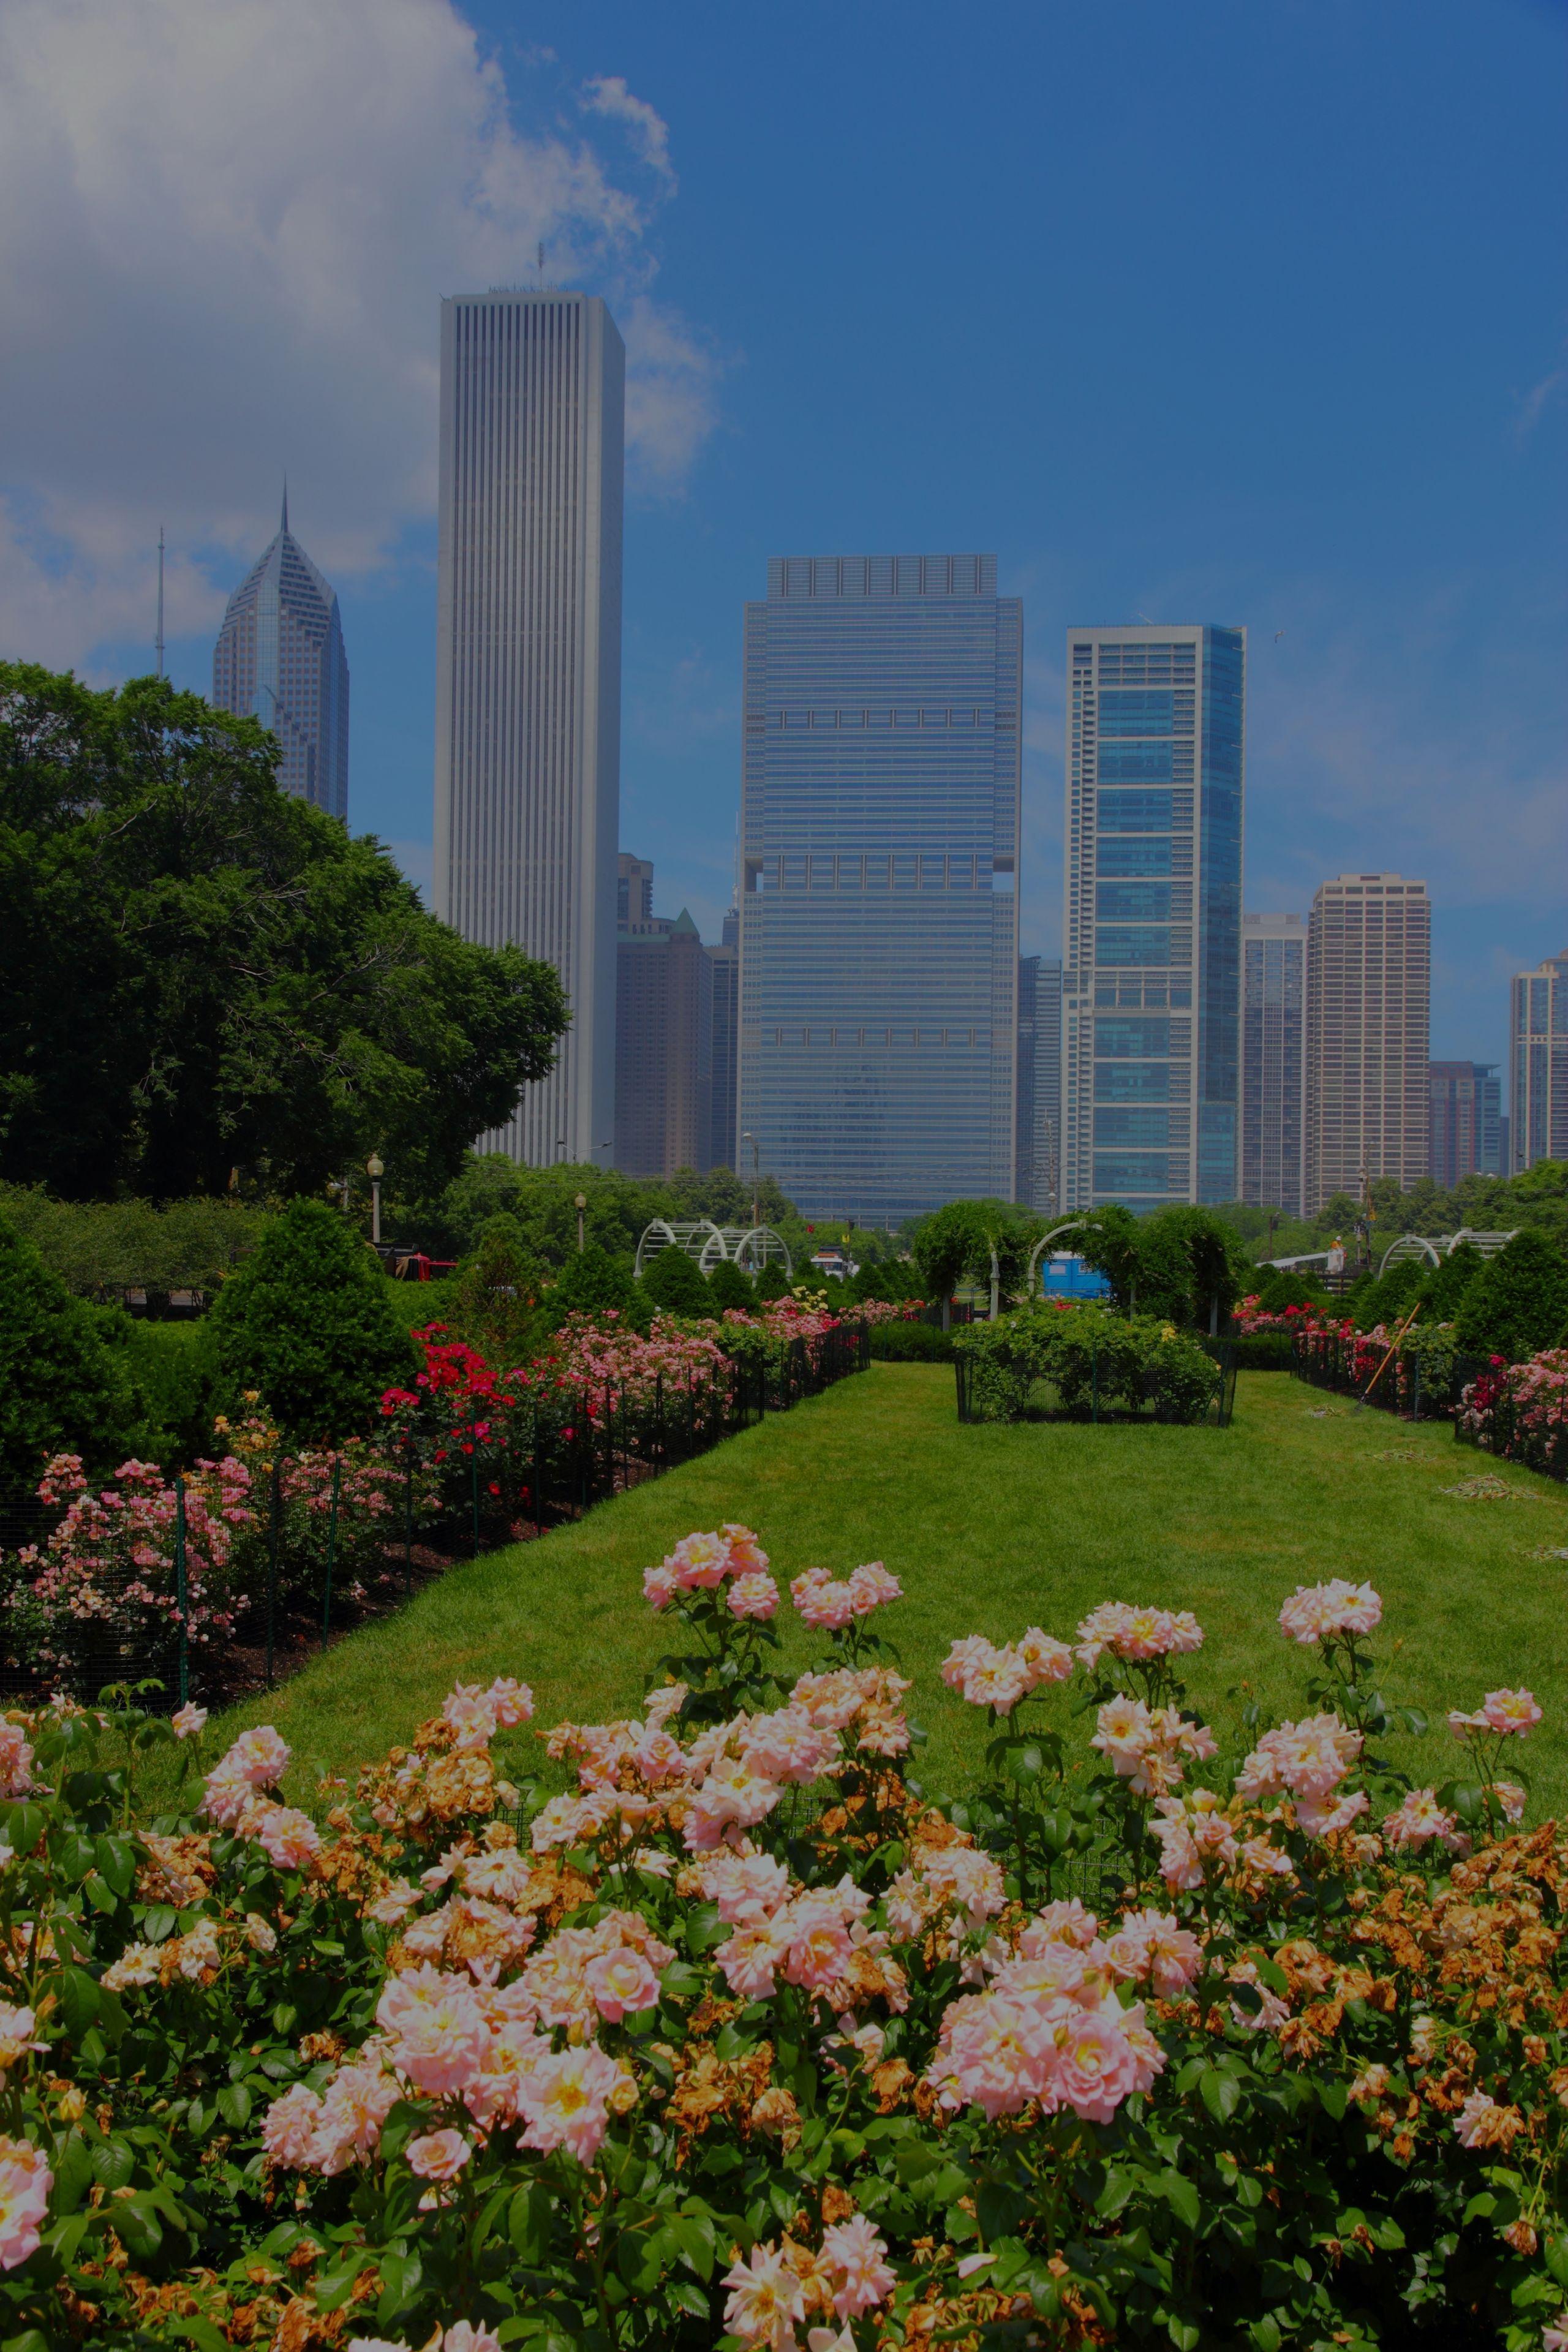 Best Dog Friendly Restaurants / Bars in Chicago